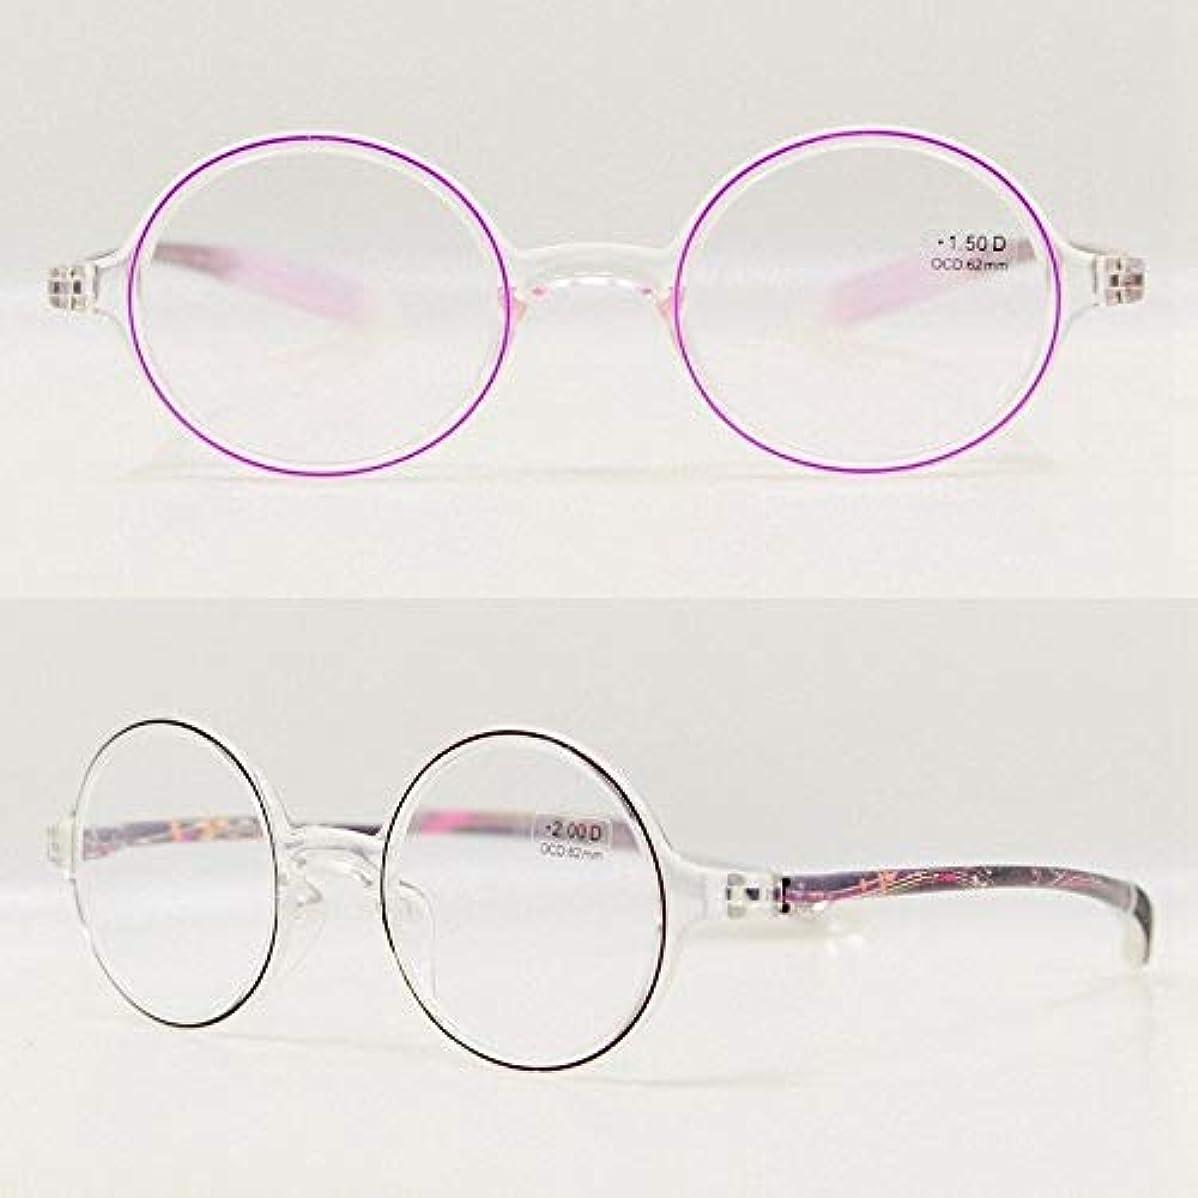 FidgetGear ラウンドクリアTR-90フレキシブル老眼鏡フレーム強度+1.00?+ 4.00 クリア+ピンク